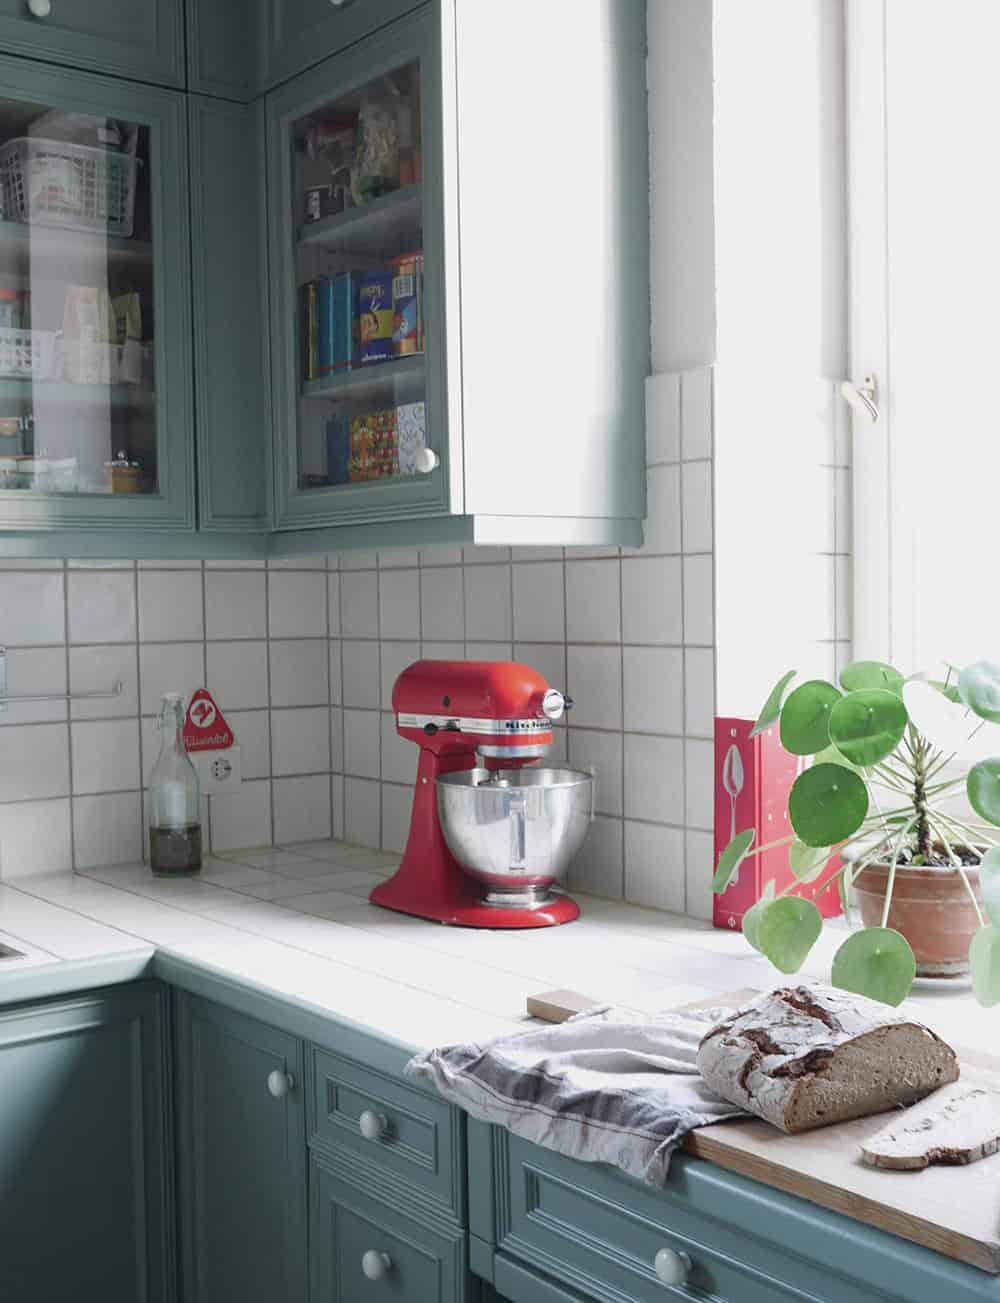 Ungewöhnlich Süßigkeiten Küche Bridge Galerie - Ideen Für Die Küche ...